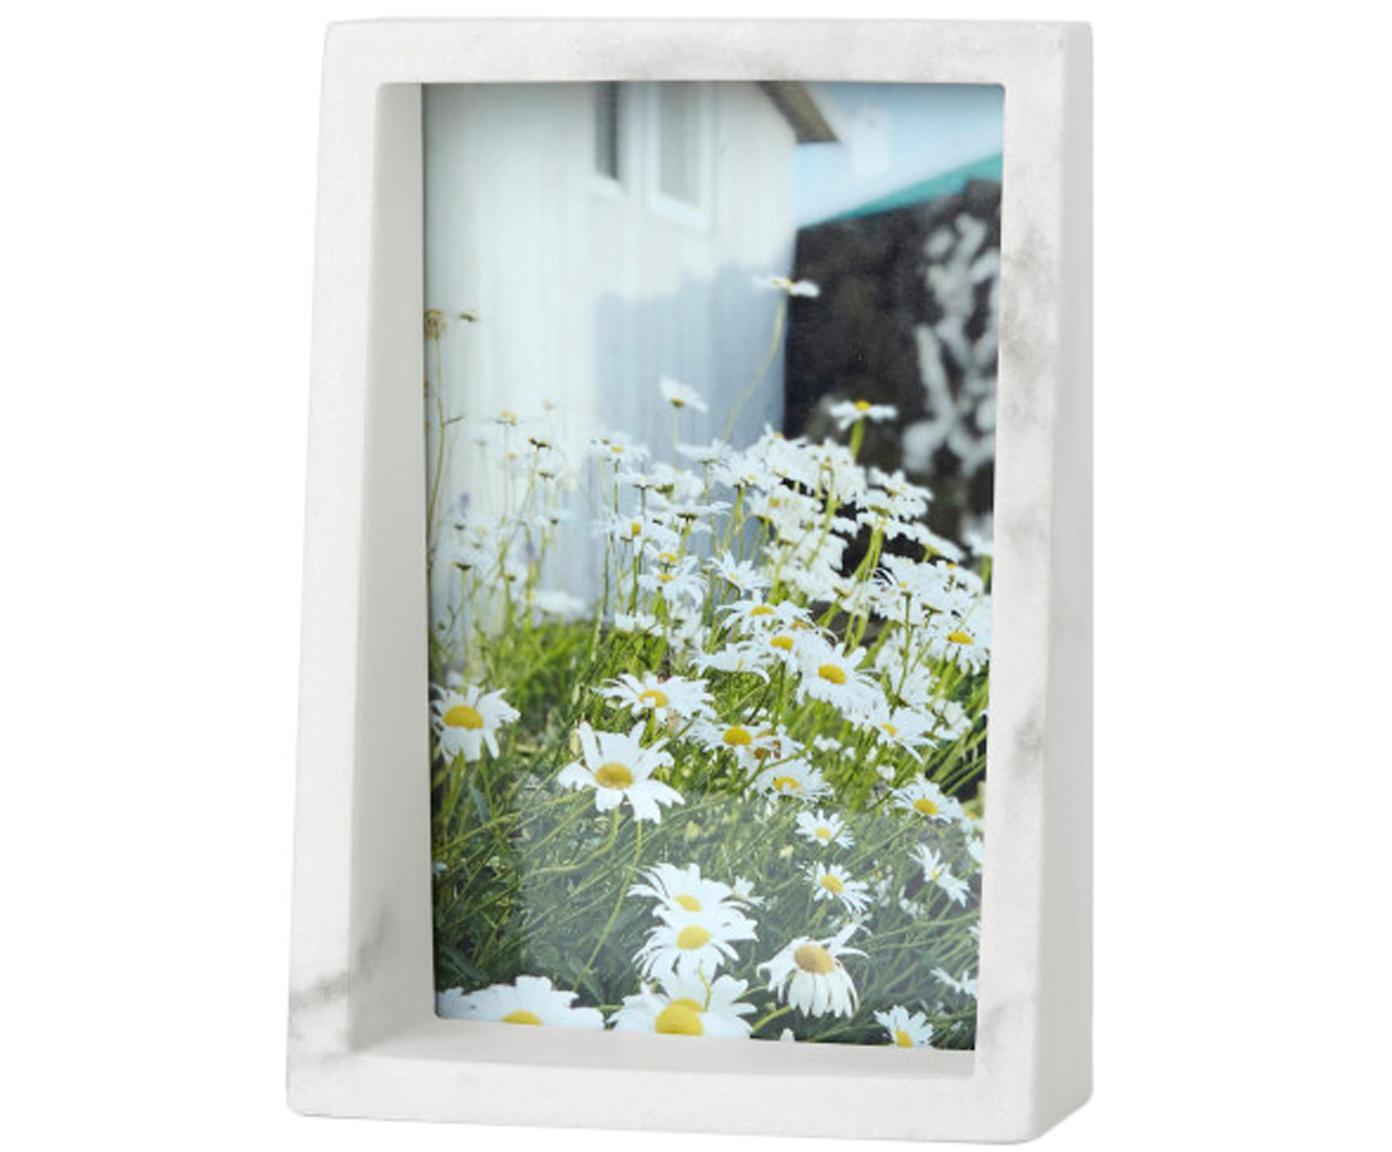 Cornice foto Edge, Poliresina con effetto marmo, Bianco, 10 x 15 cm